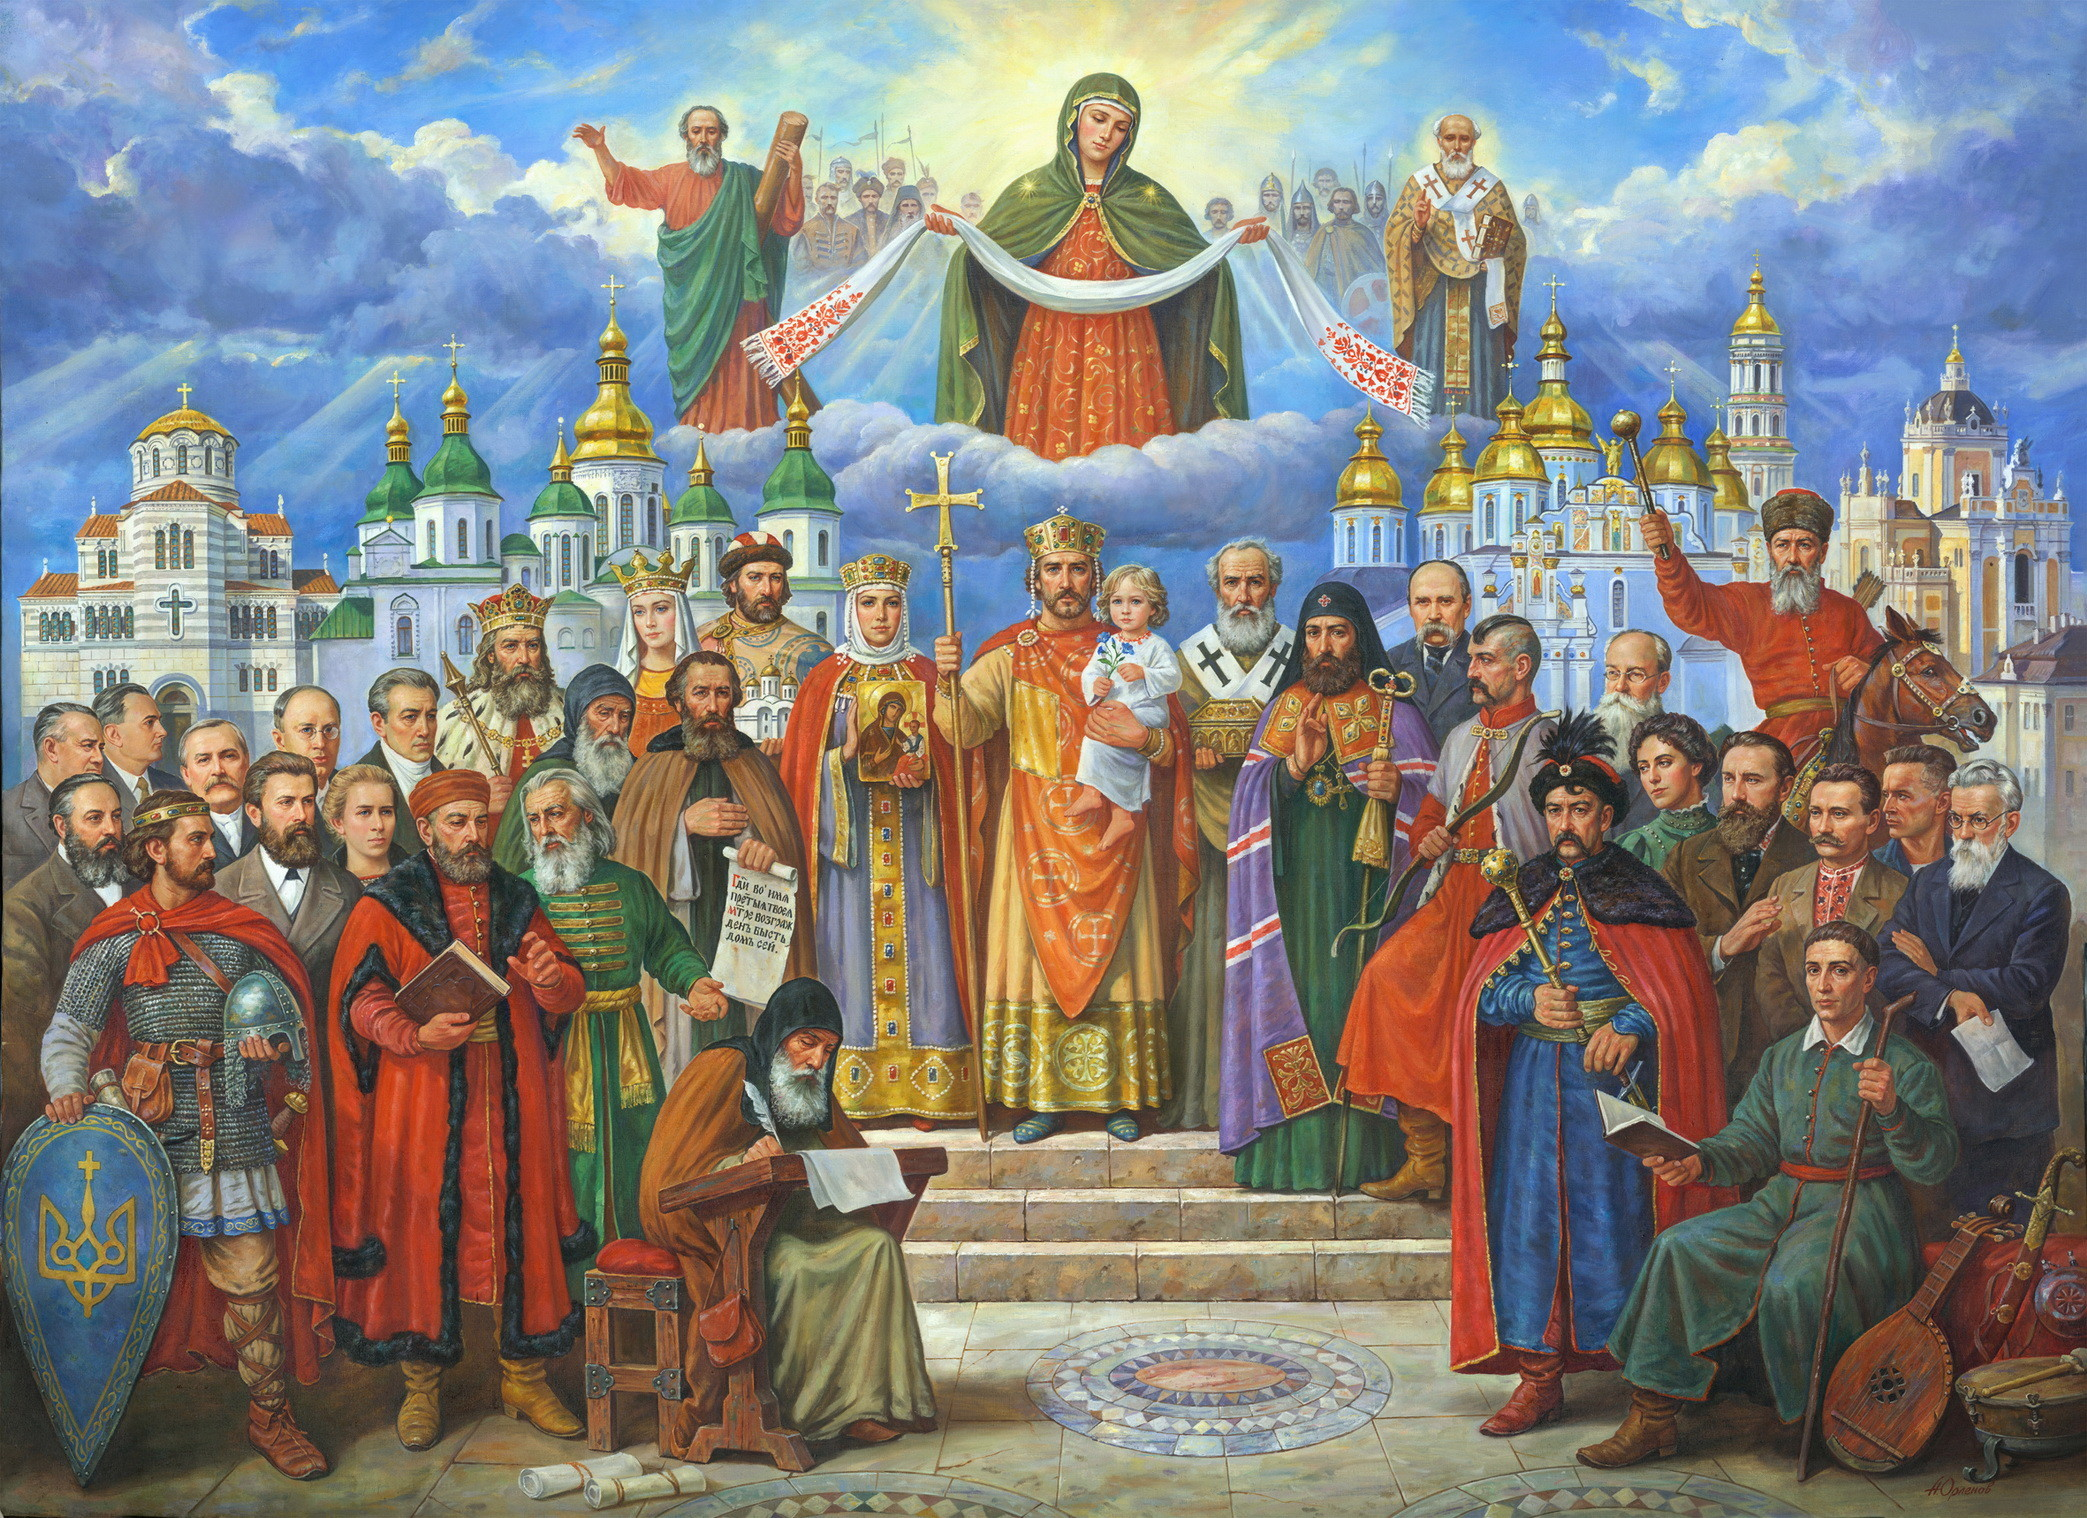 Україна славетна (Крещение Украины-Руси)